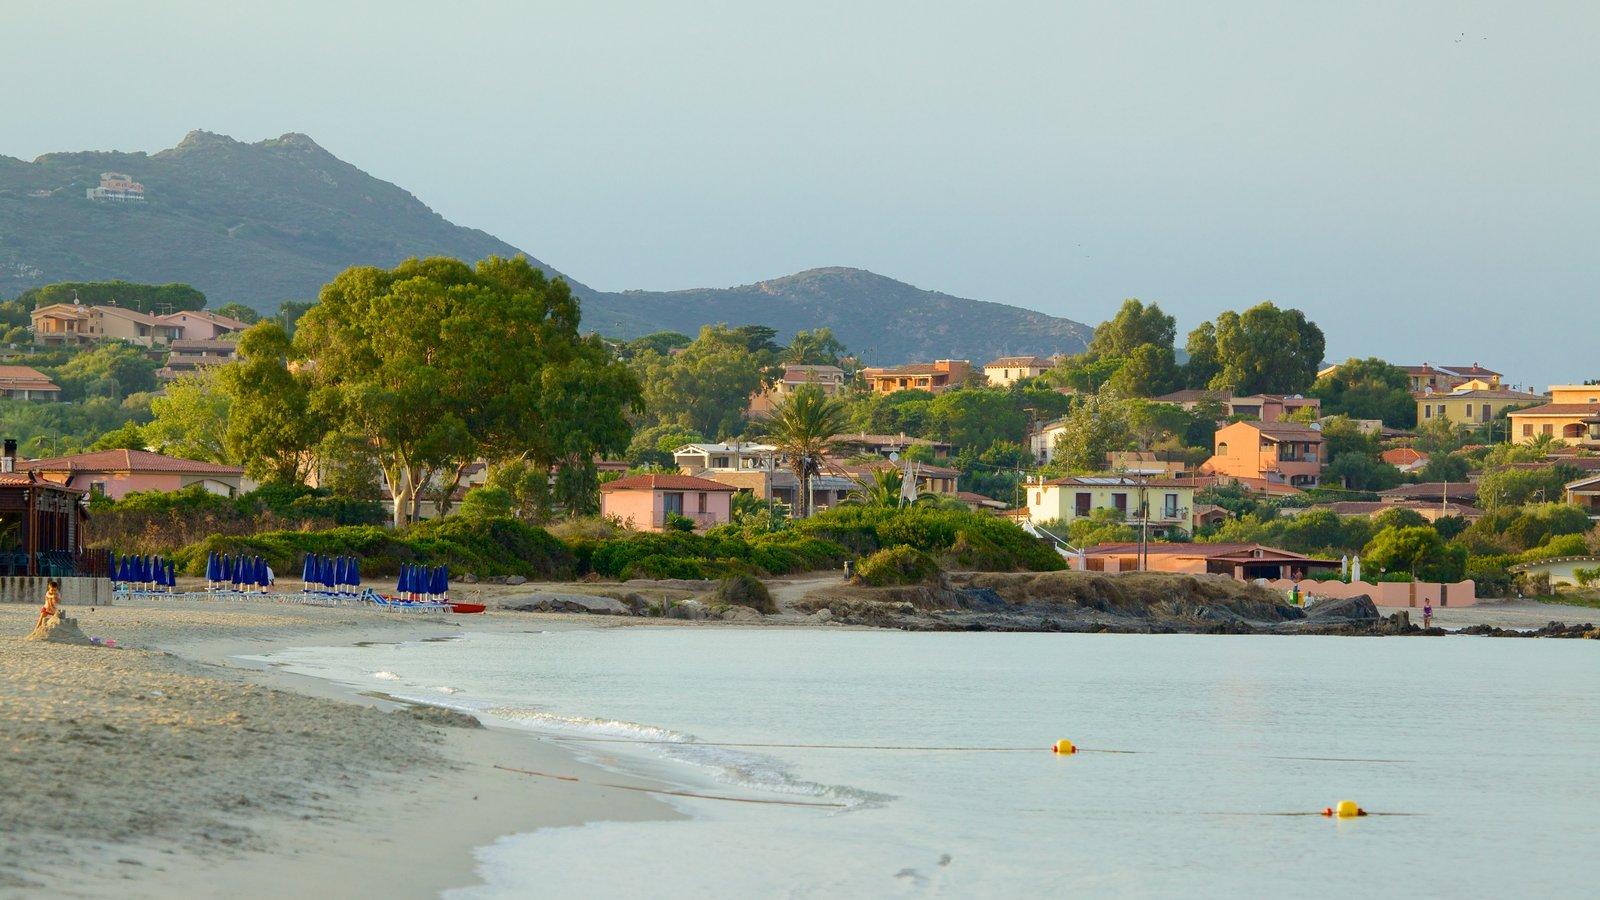 Pittulongu Beach which includes a sandy beach and a coastal town